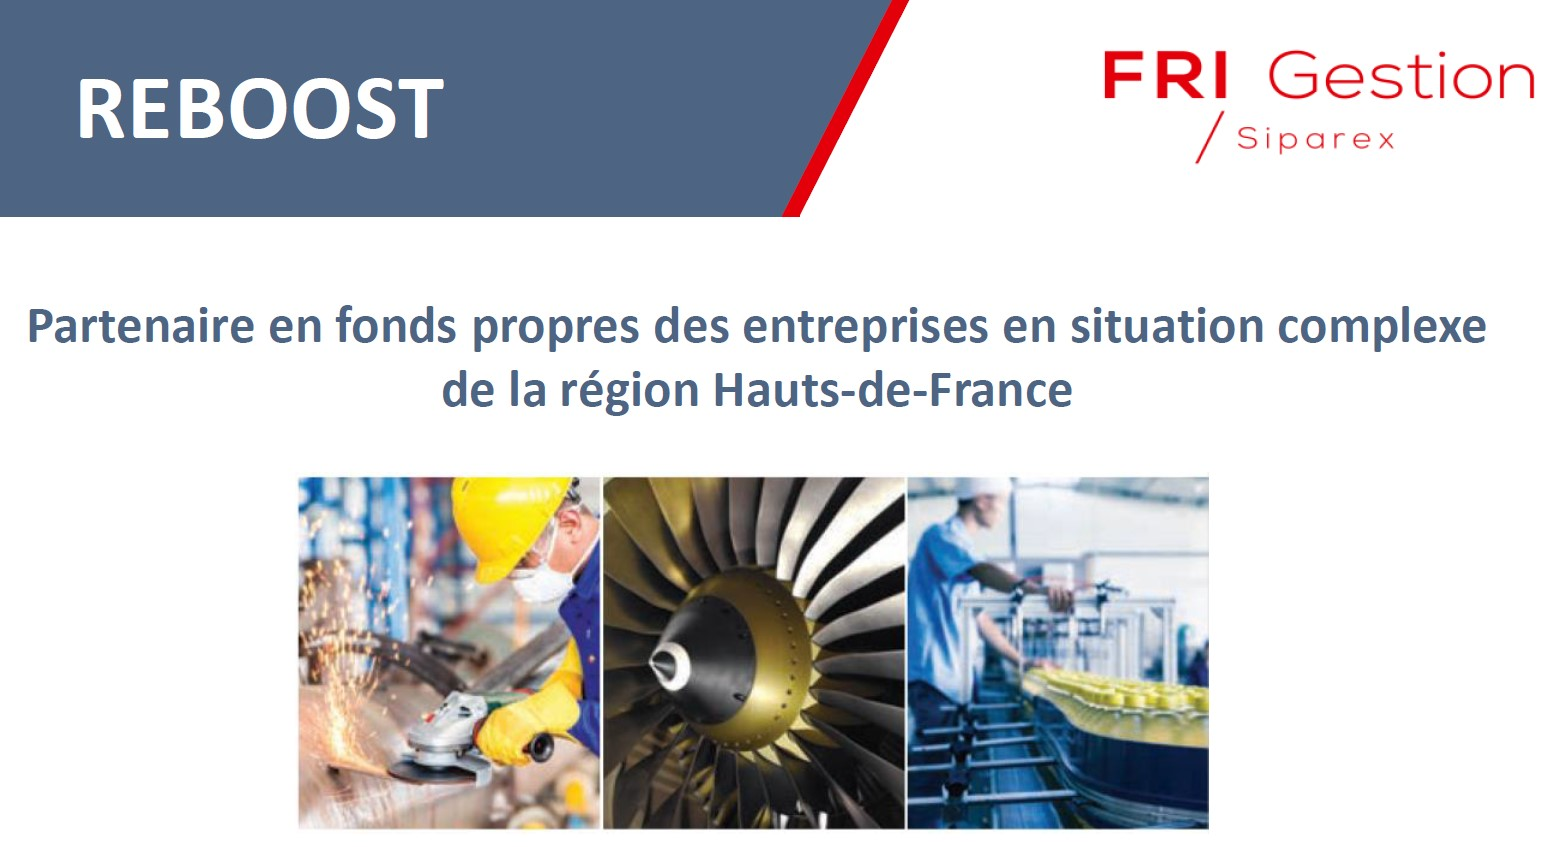 Le fonds Reboost en Hauts-de-France